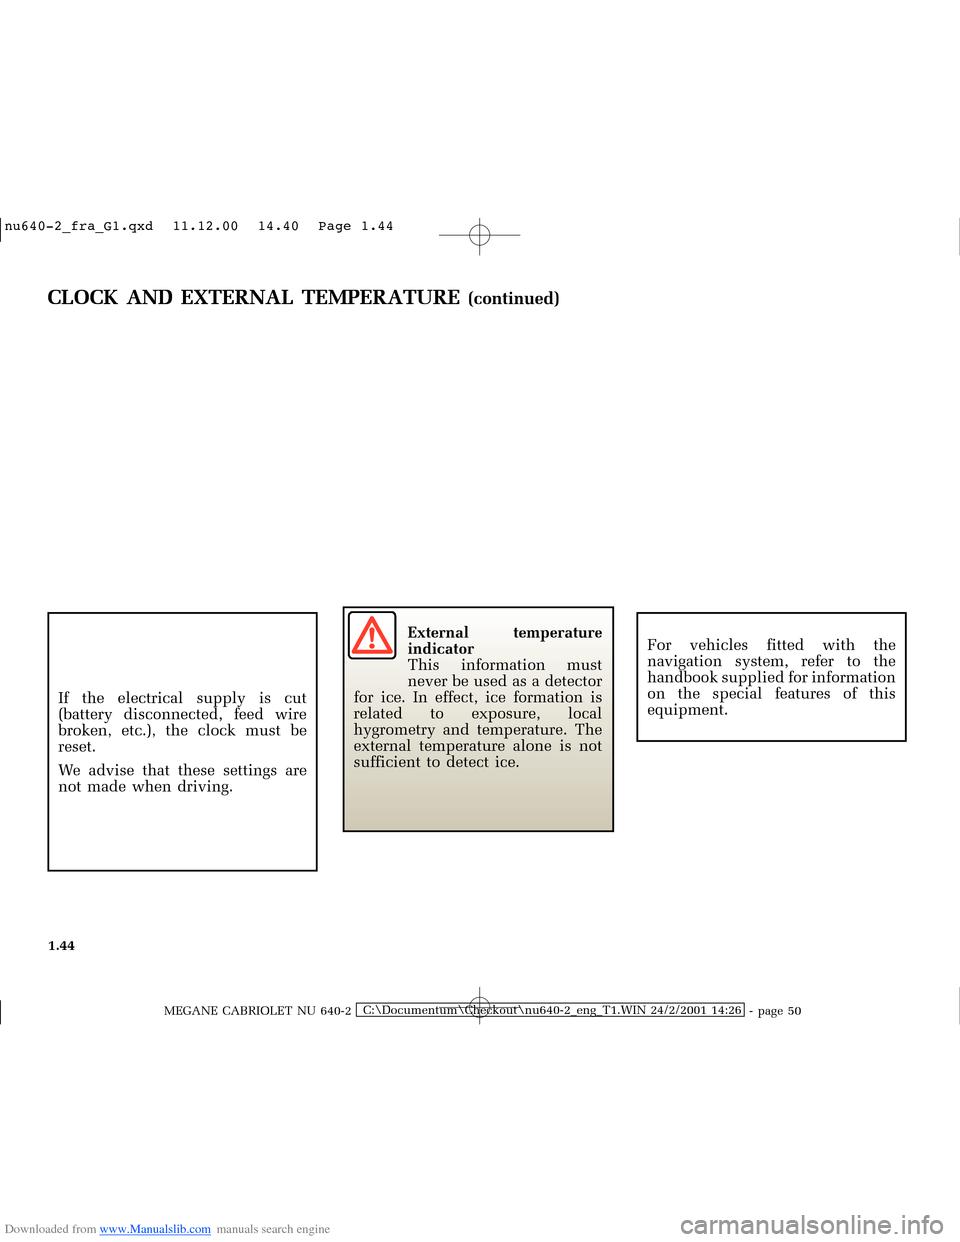 RENAULT MEGANE 2000 X64 / 1.G Owners Manual